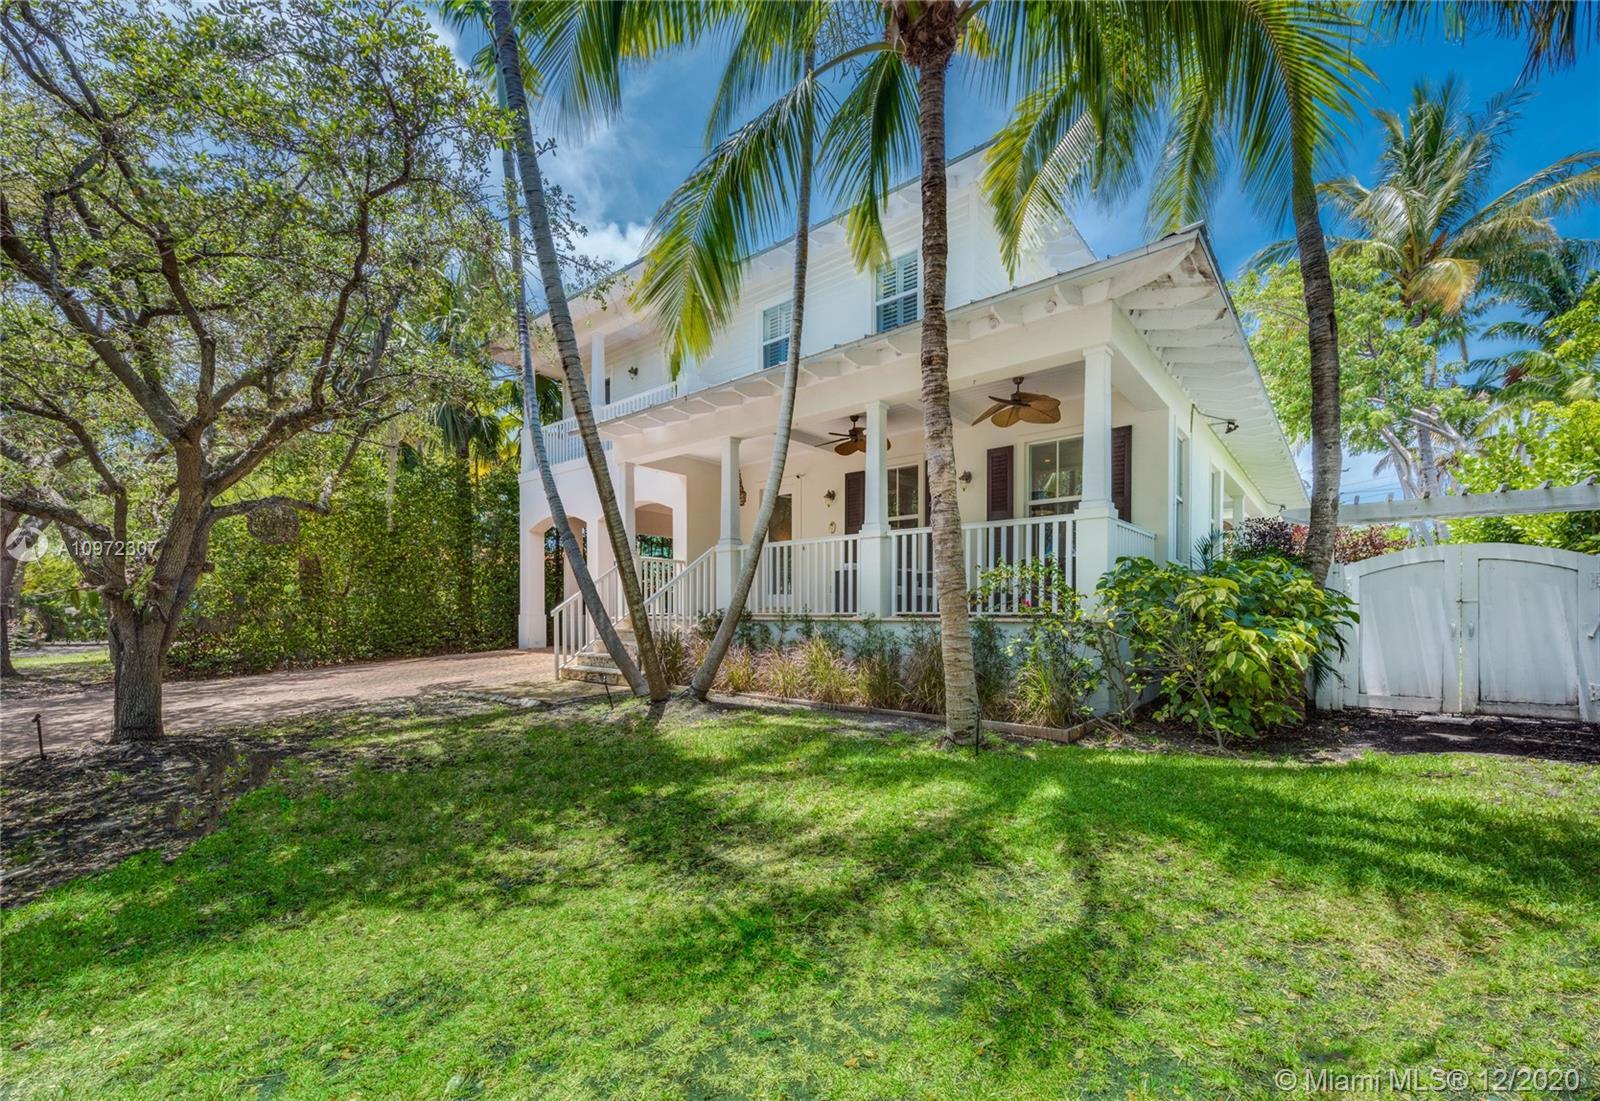 Tropical Isle Homes # photo02